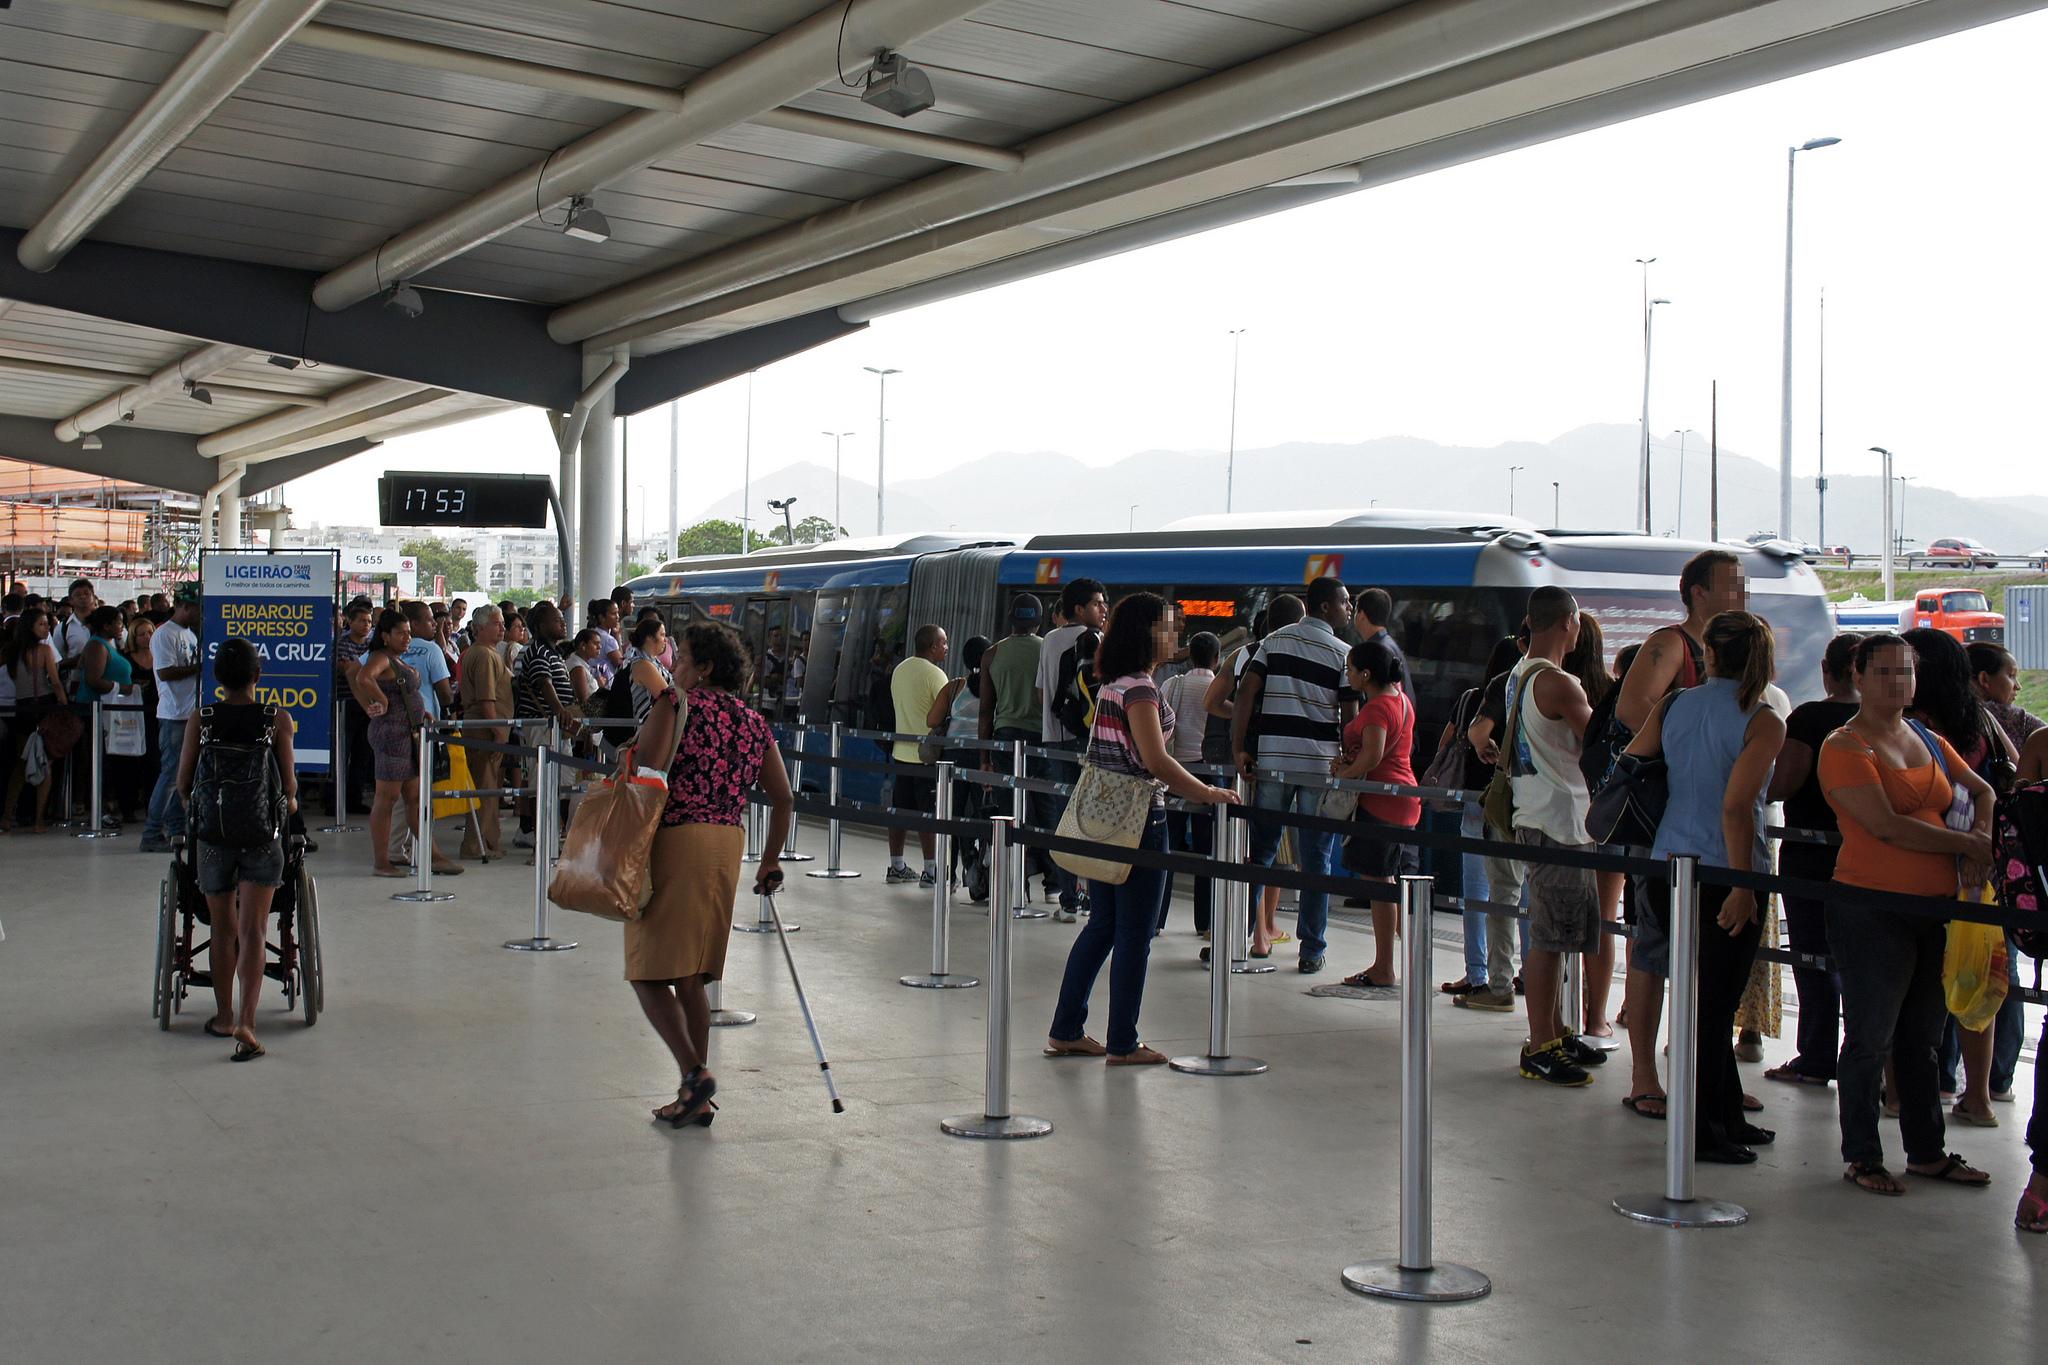 Terminal Alvorada, Alvorada bus terminal of the Barra da Tijuca neighborhood, Rio de Janeiro, Brazil